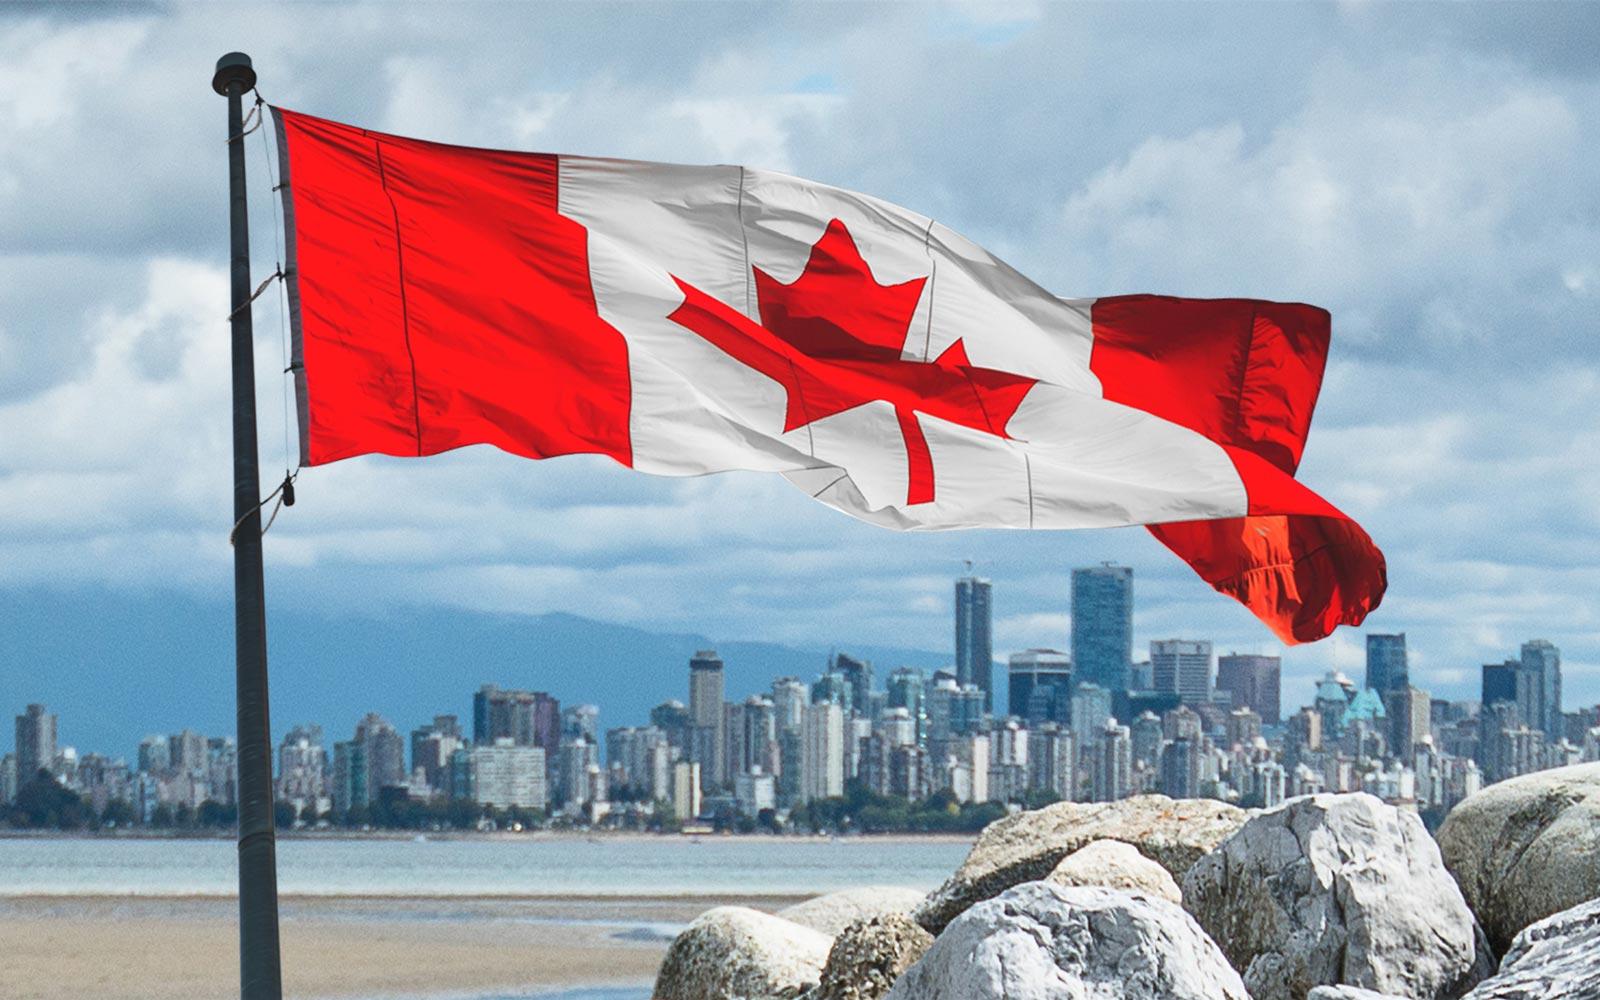 canada-vancouver-flag-canrefugee01172